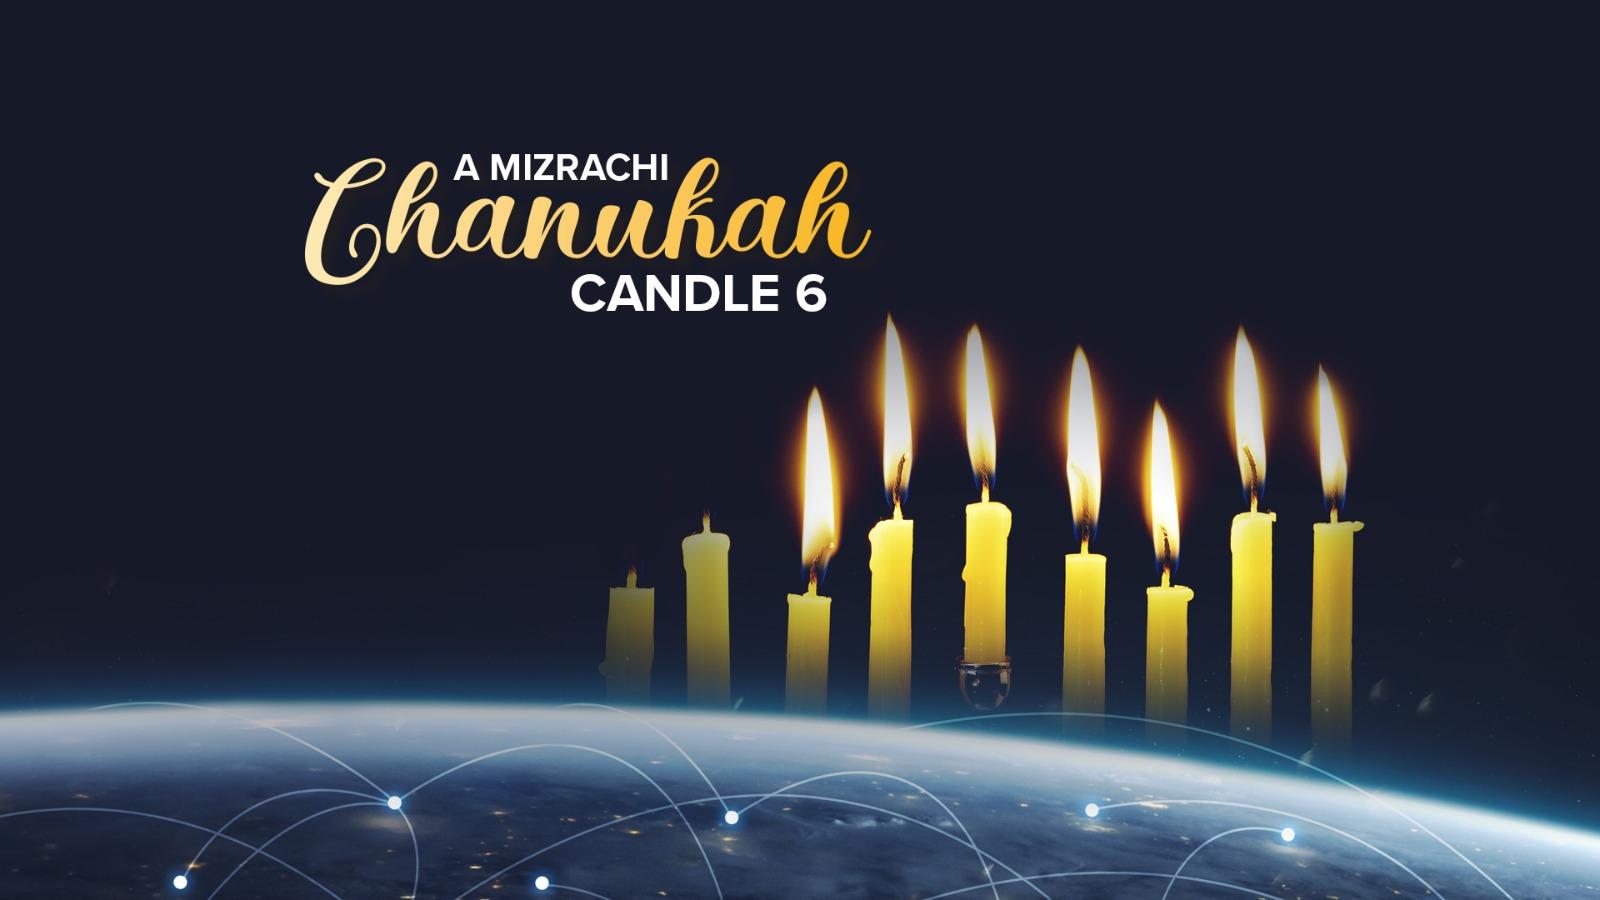 A Mizrachi Chanukah – Candle 6